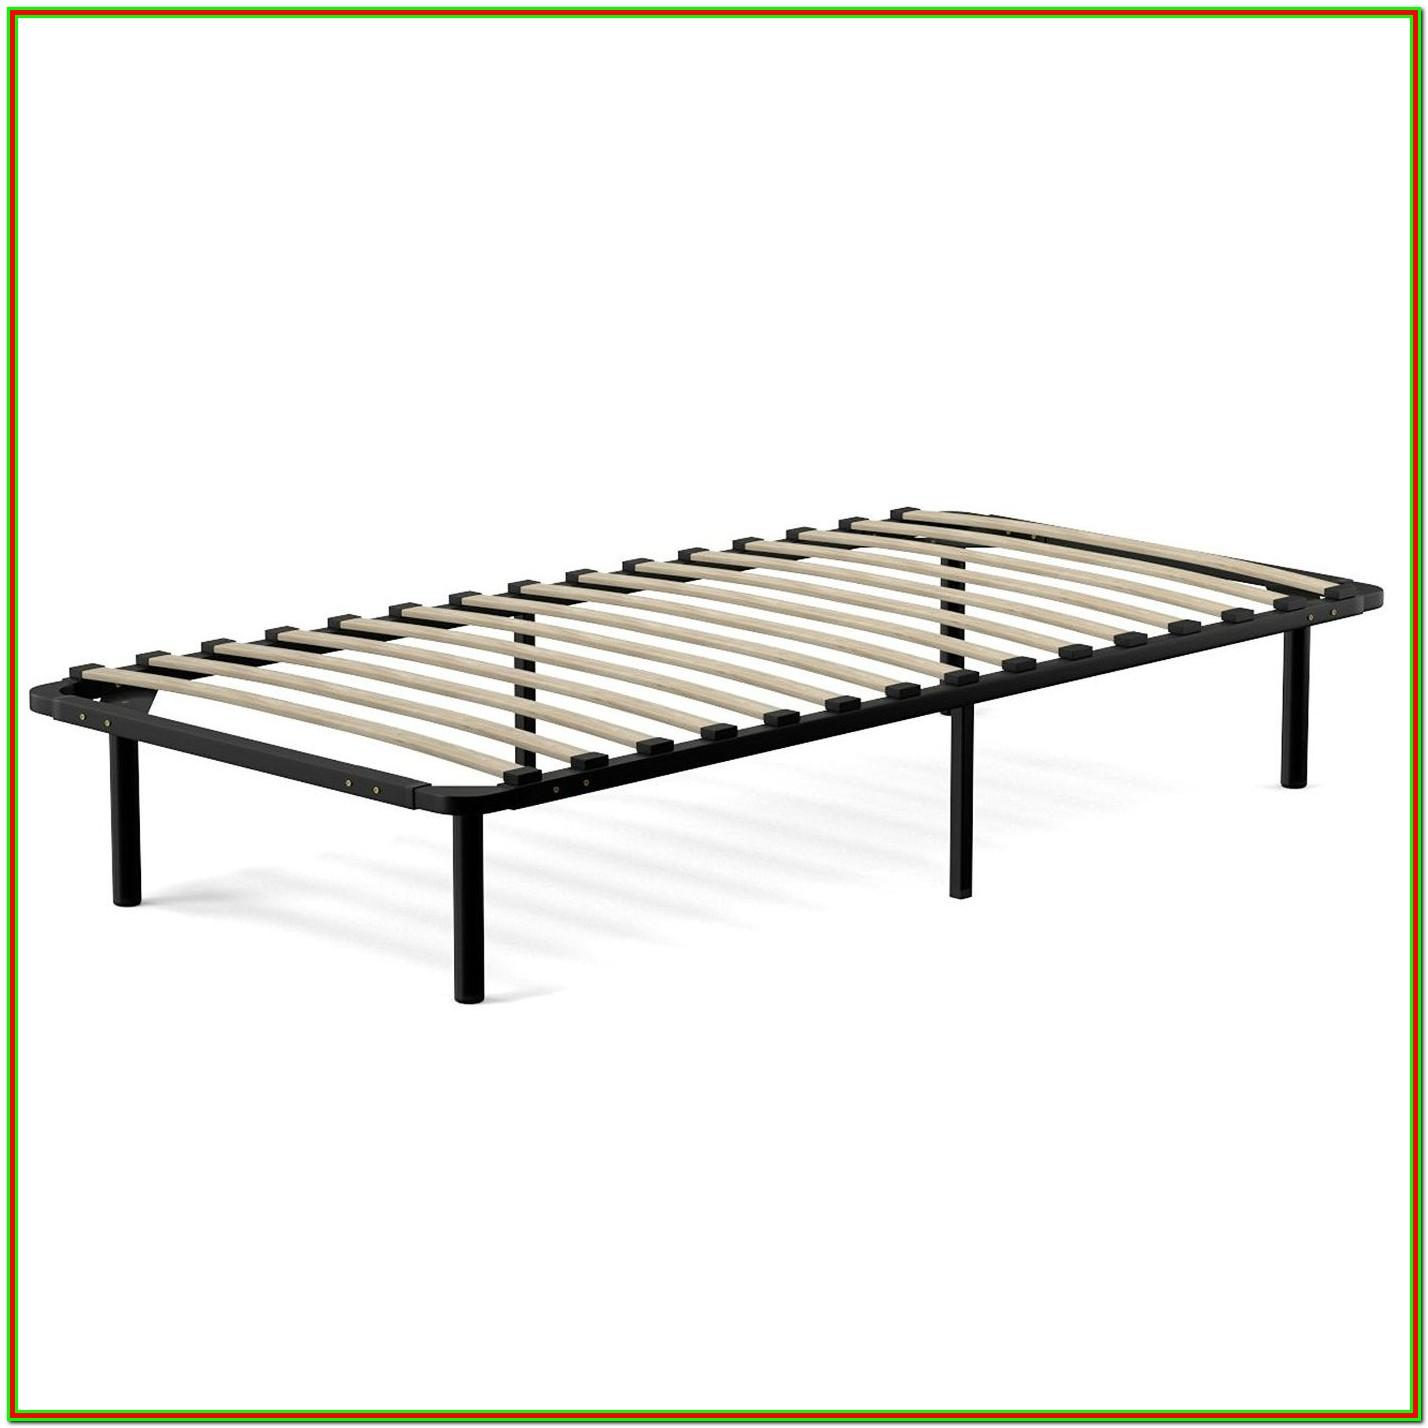 Wooden Twin Platform Bed Frame